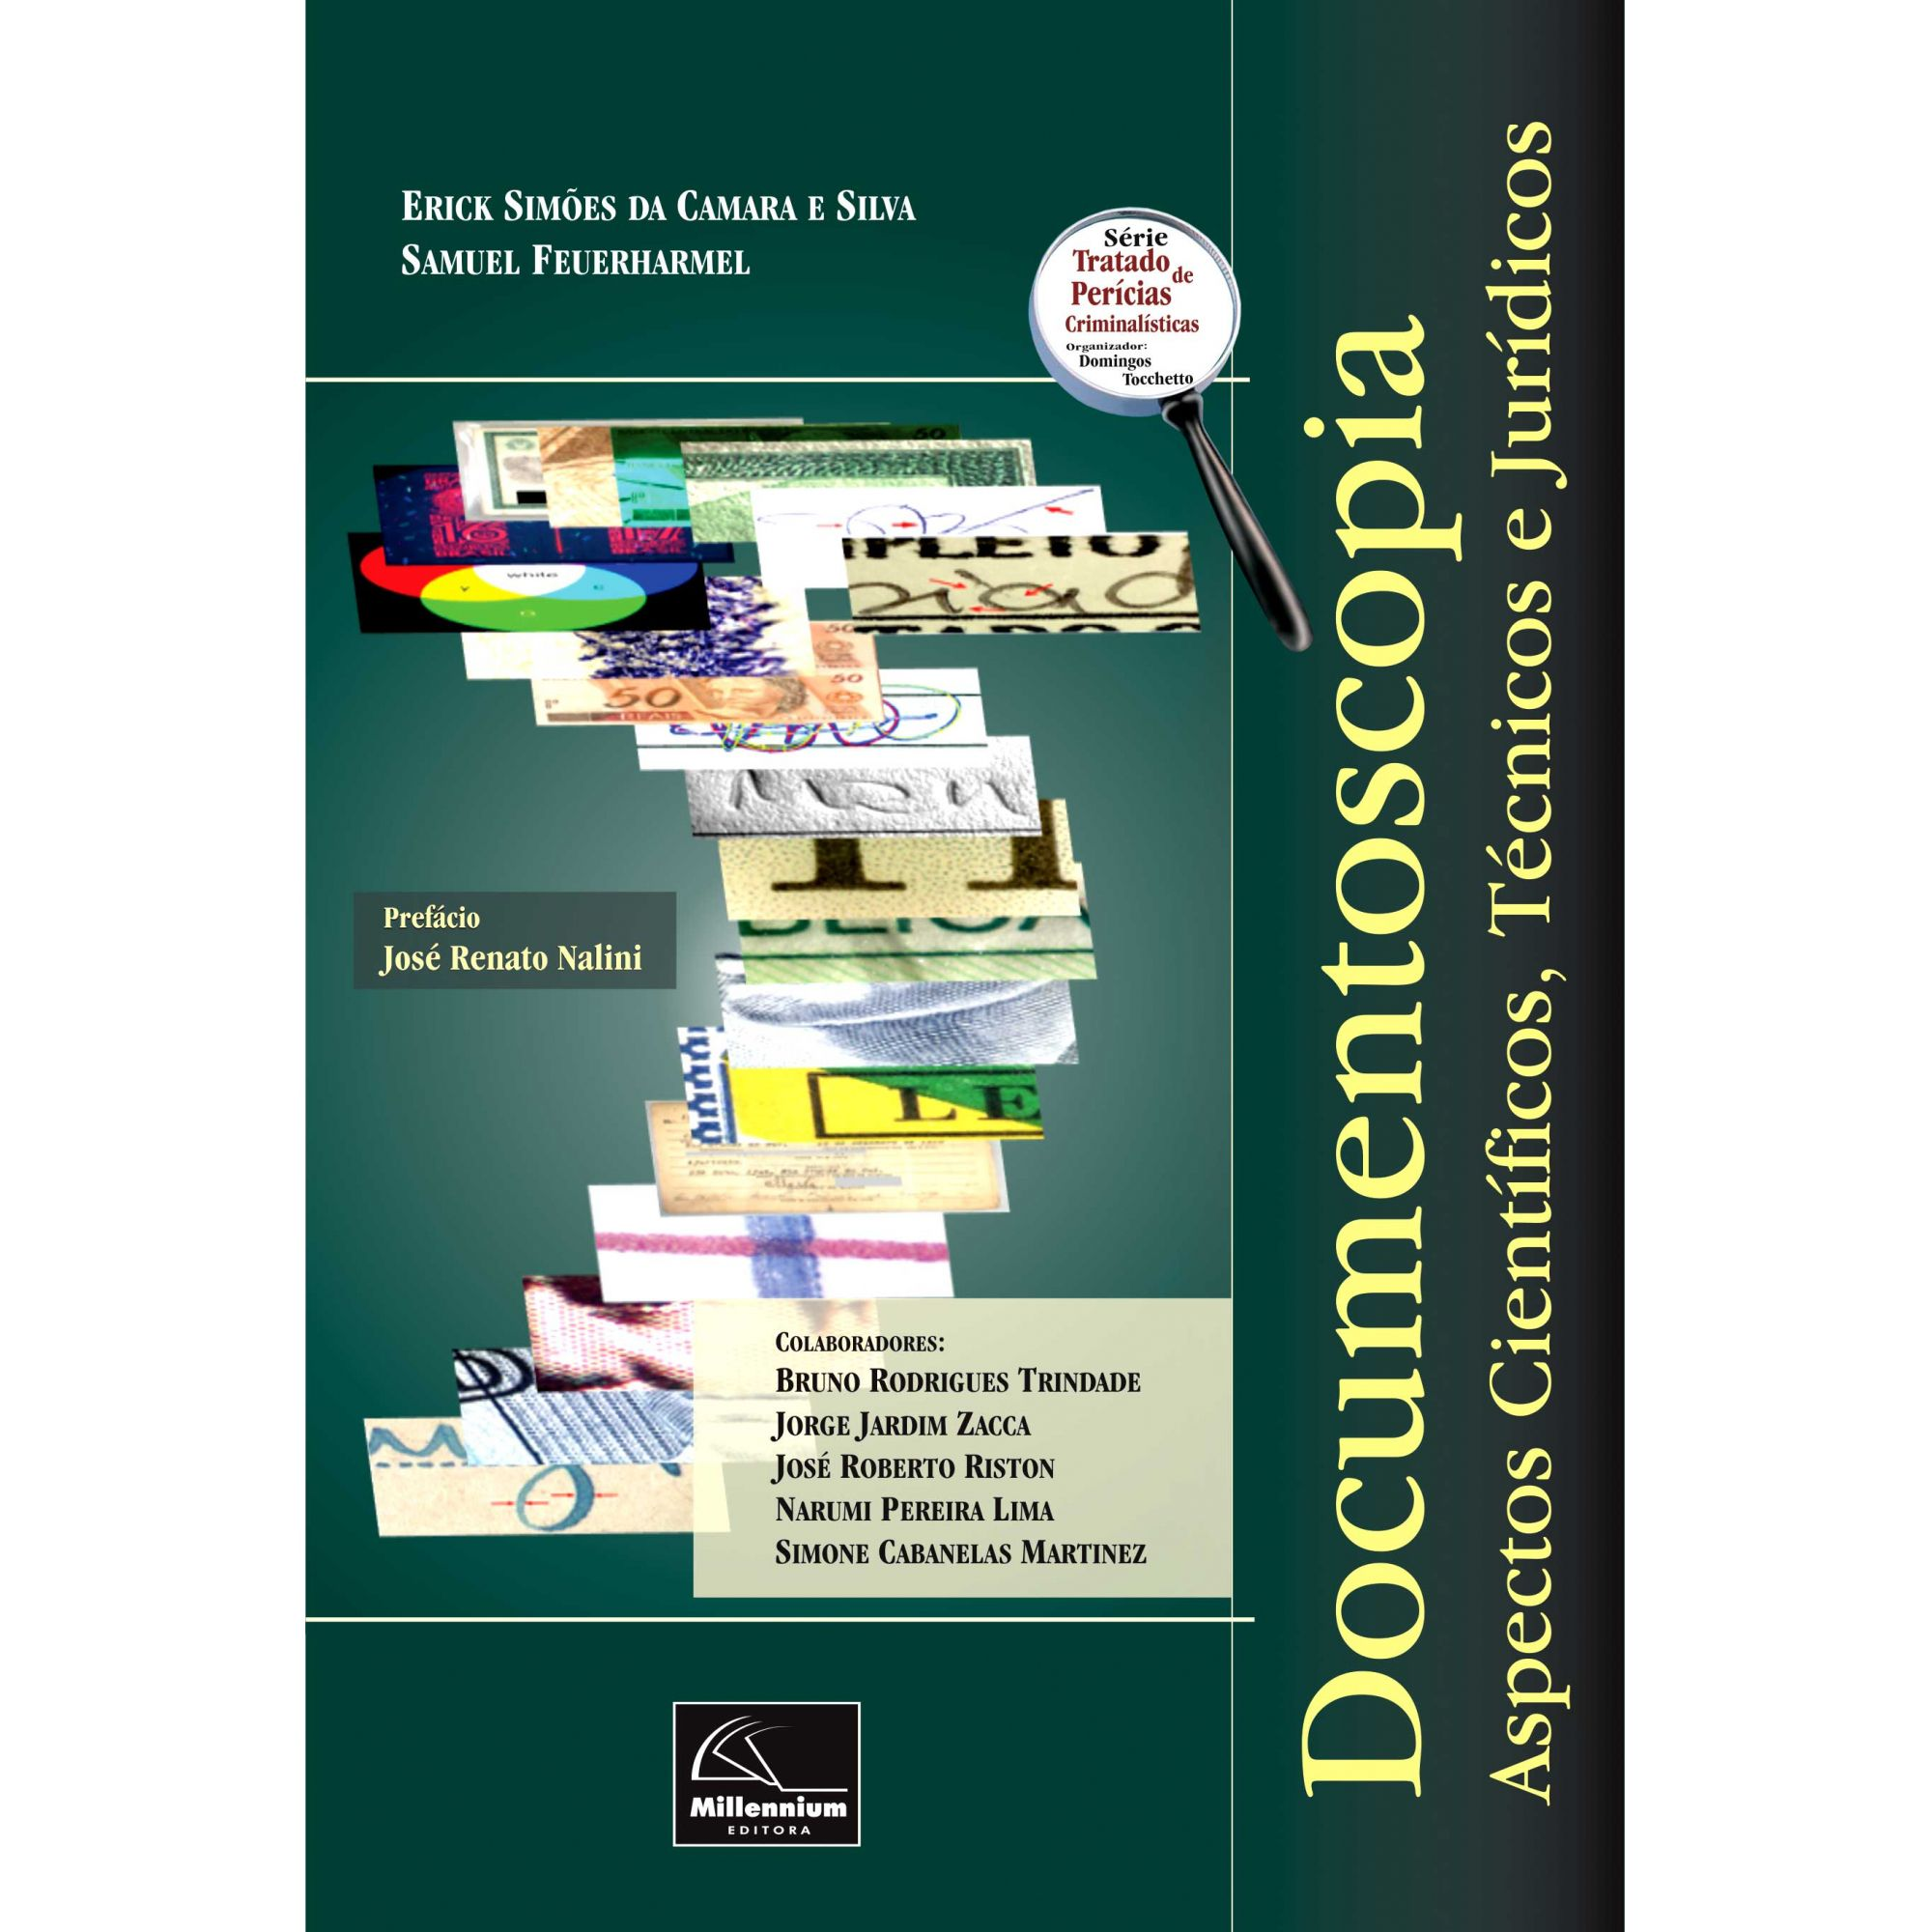 Documentoscopia  - Aspectos científicos, técnicos e jurídicos <b>Autores: Erick Simões da Camara e Silva - Samuel Feuerharmel</b>  - Millennium Editora